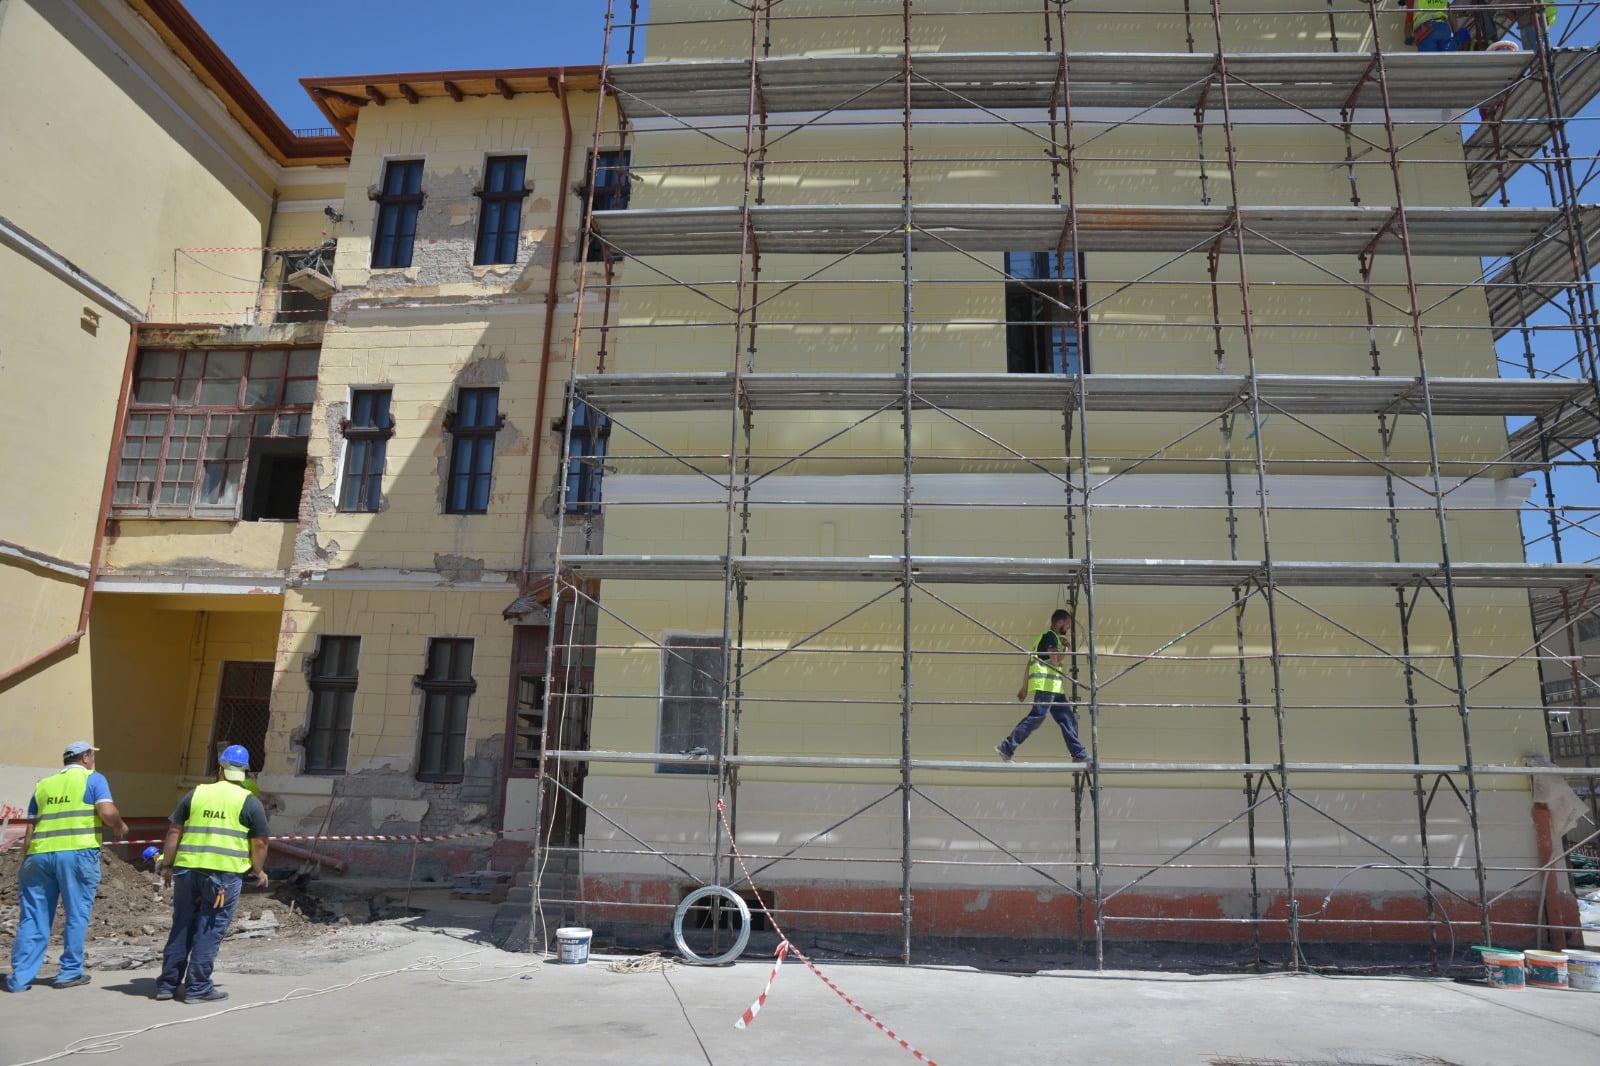 Primăria speră ca va închide șantierul de la Colegiul Unirea până în toamnă. Mai sunt necesare lucrări suplimentare de 1,8 milioane de lei pentru a respecta standardele ISU